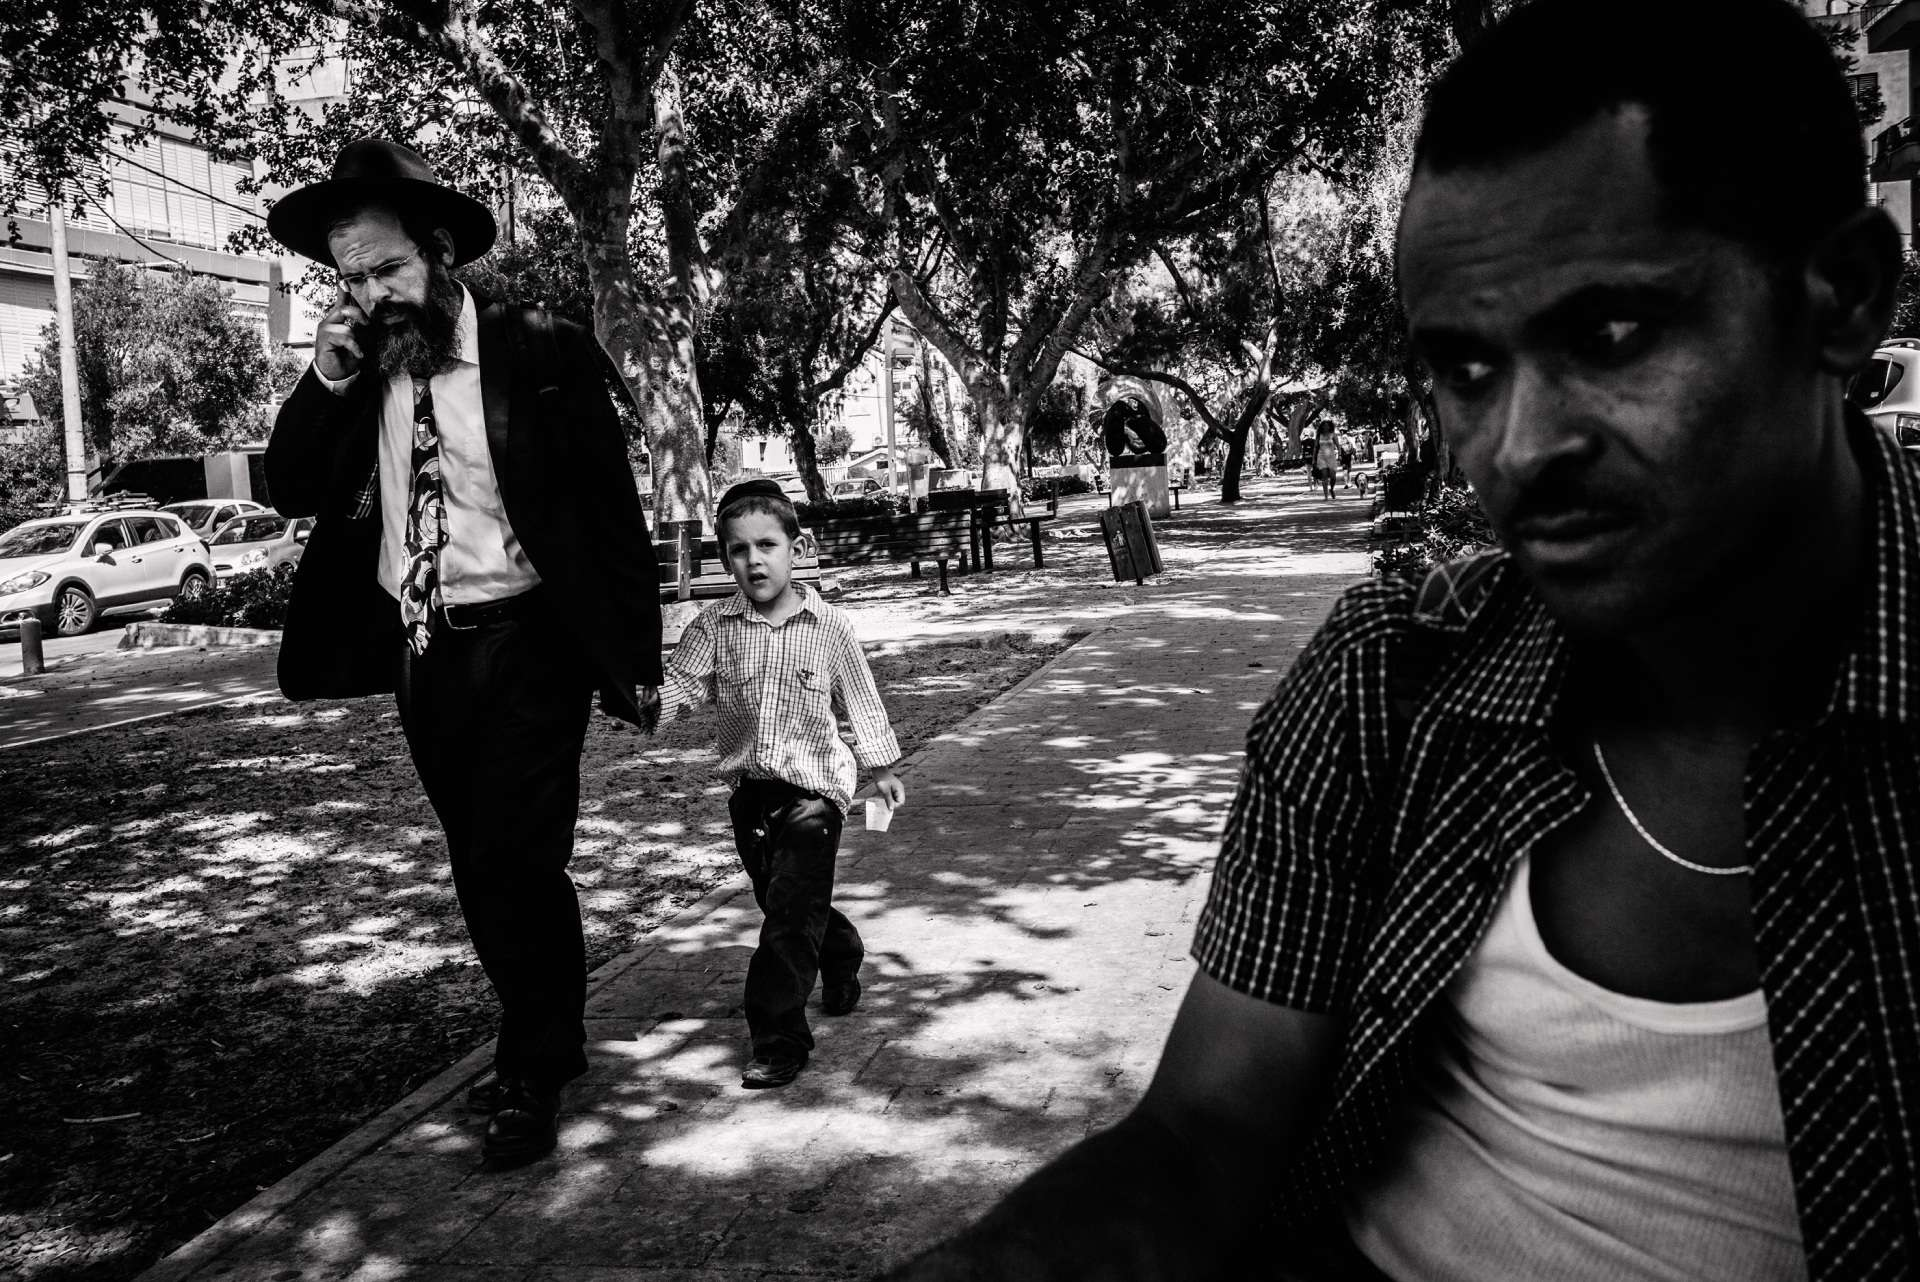 Comme beaucoup d'Erythréens en Israël, Gorgio est homme de ménage dans un hôtel. Le soir, avant de rejoindre sa banlieue, il se repose dans une avenue ombragée des beaux quartiers.